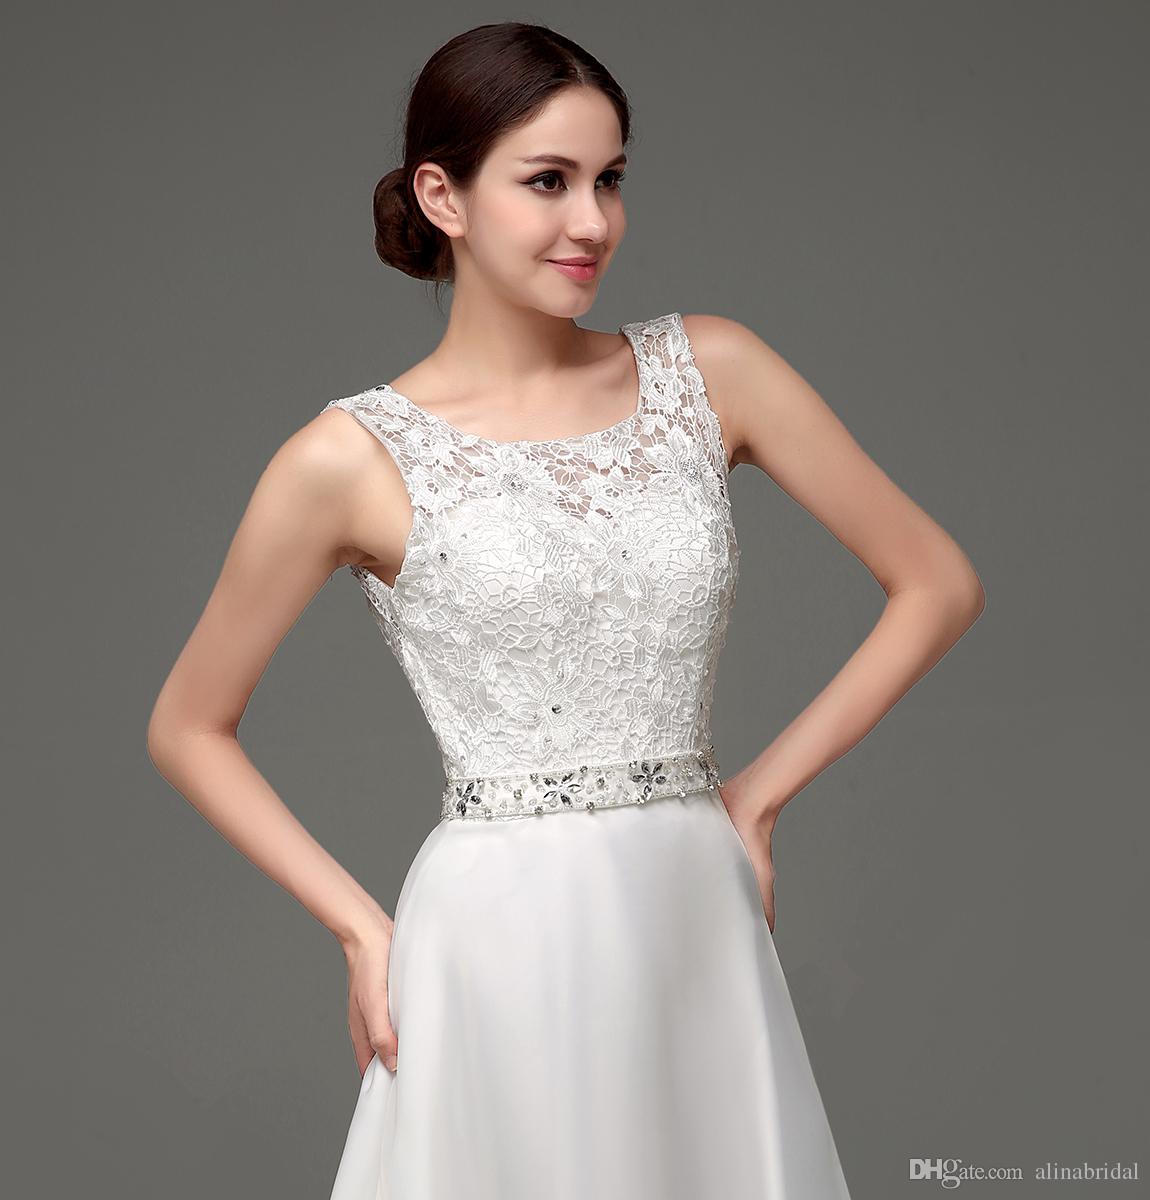 Stokta 2018 Ucuz Dantel Gelinlik Sheer Gelinlikler Scoop Boyun Çizgisi Düşük Aç Geri Boncuklu Organze Beyaz / Fildişi Plaj Gelin Elbise